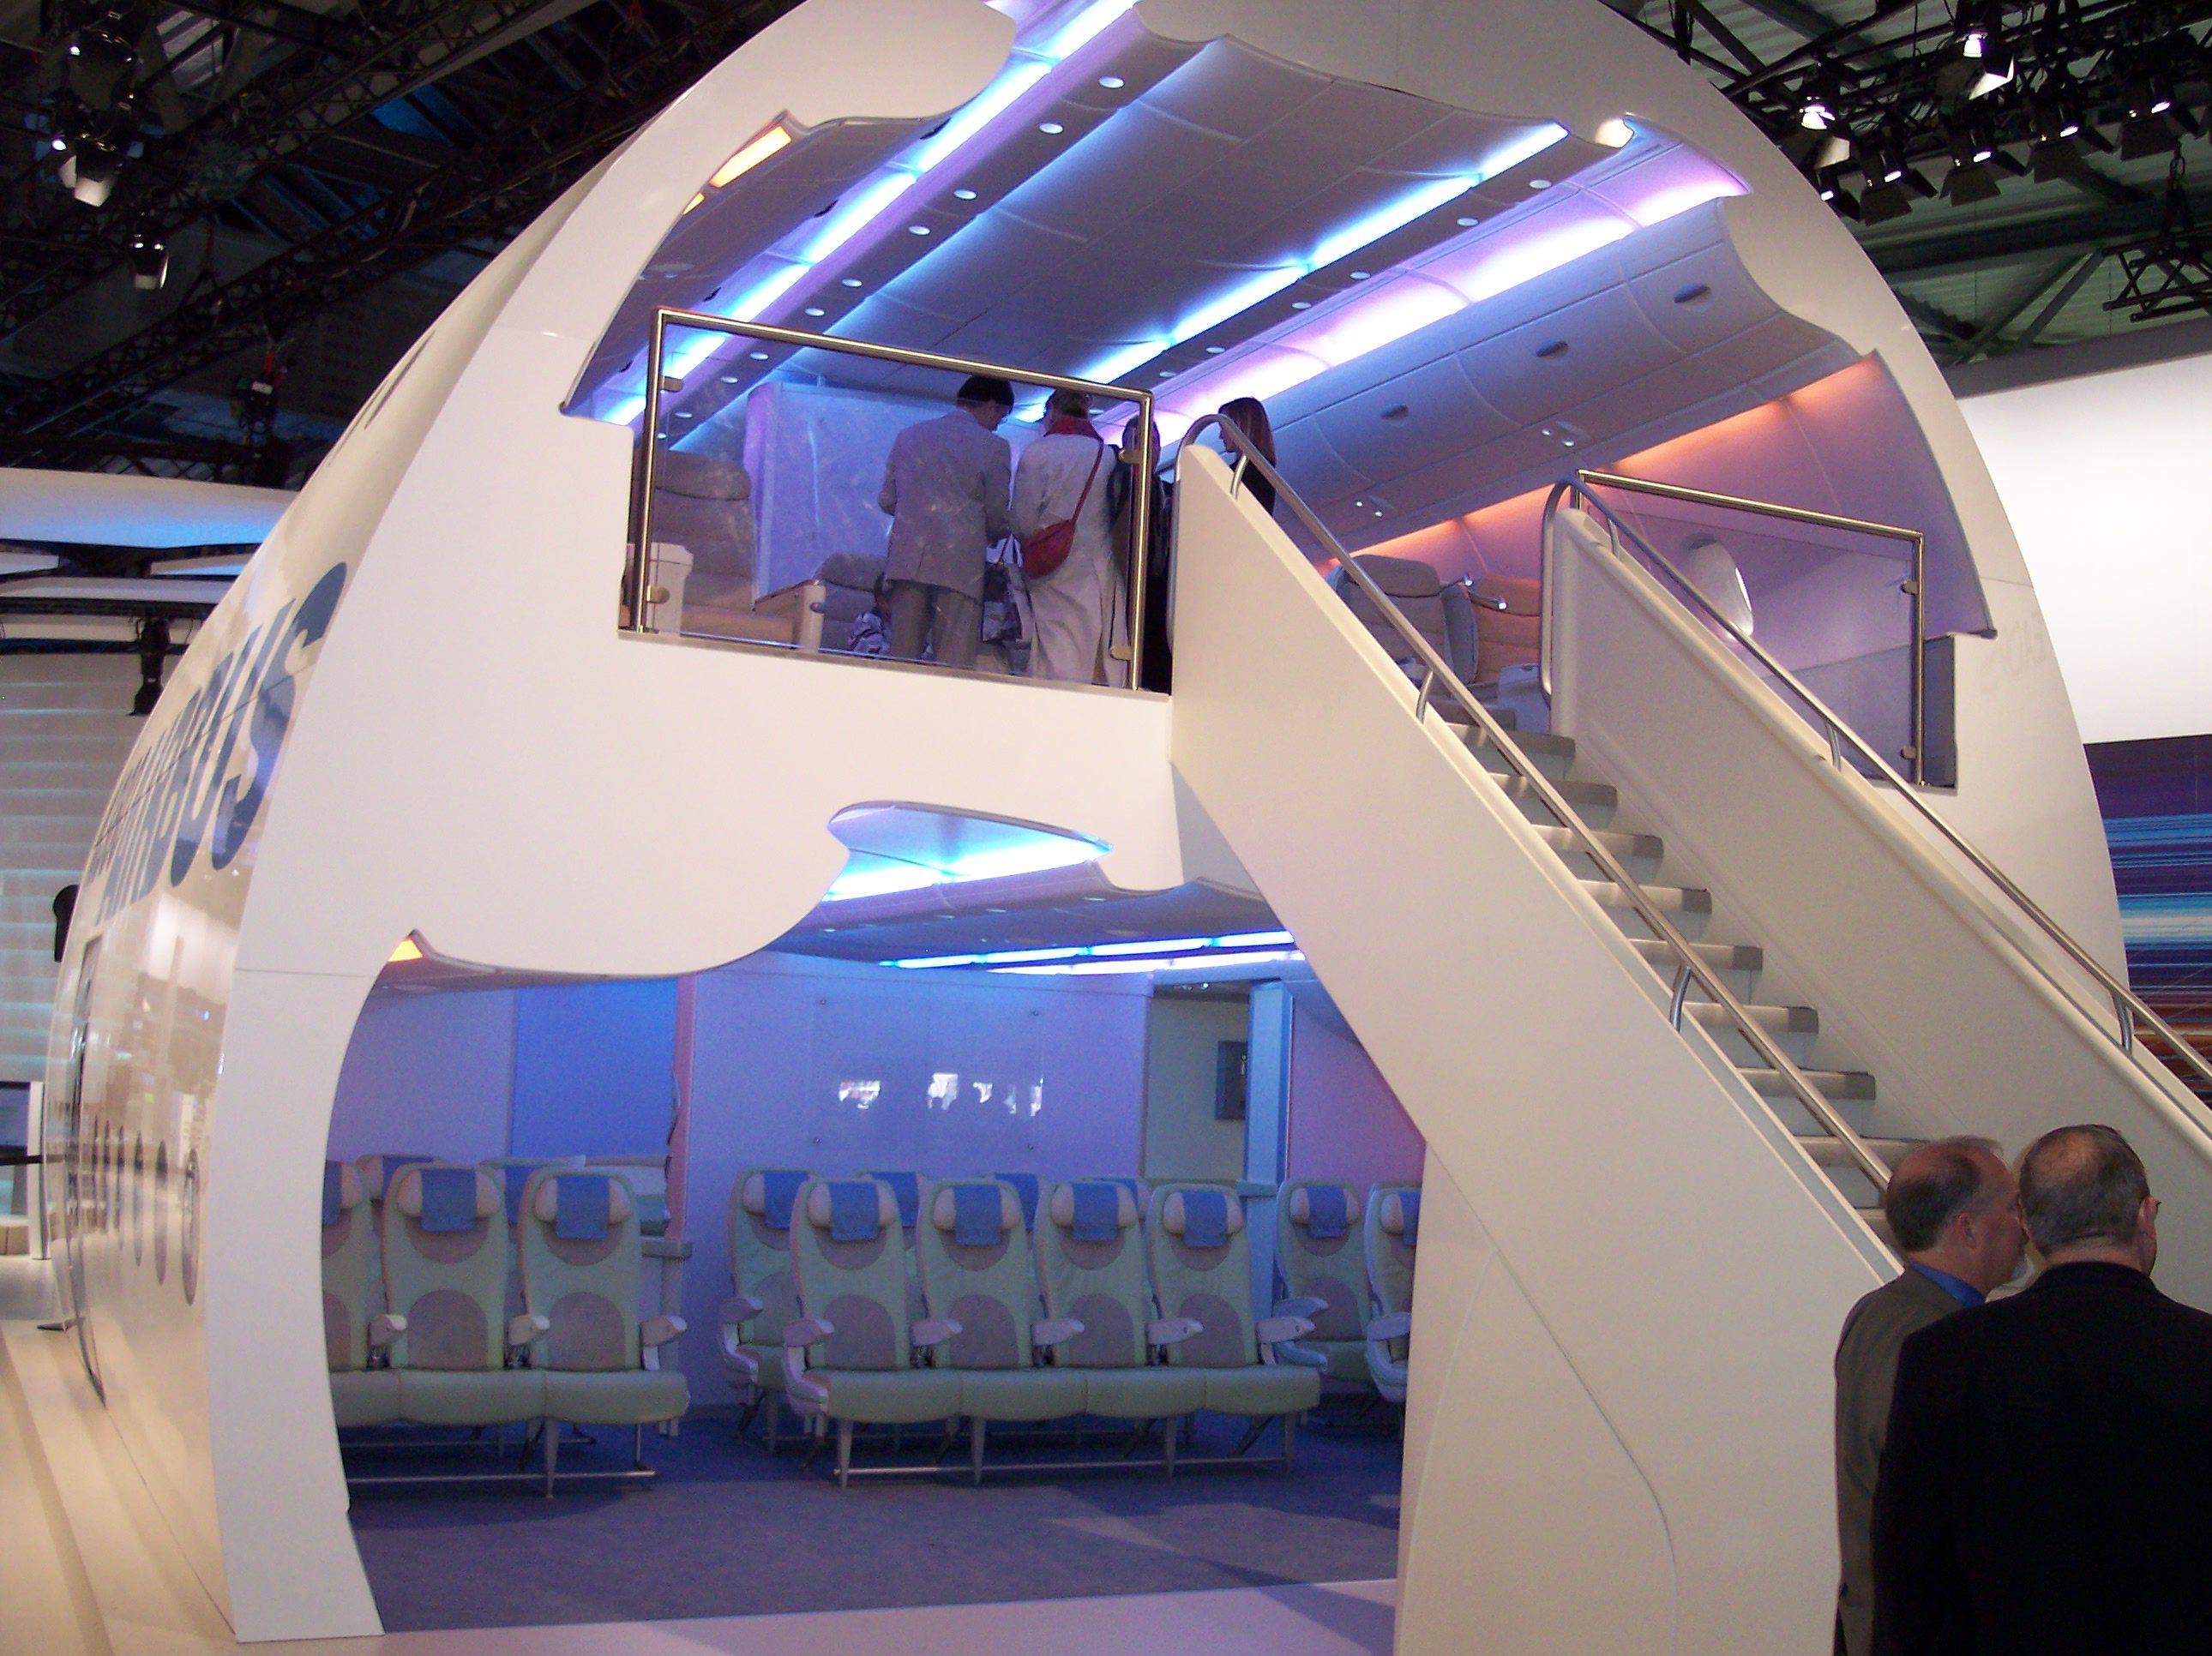 eminem a380 airbus interior - photo #13